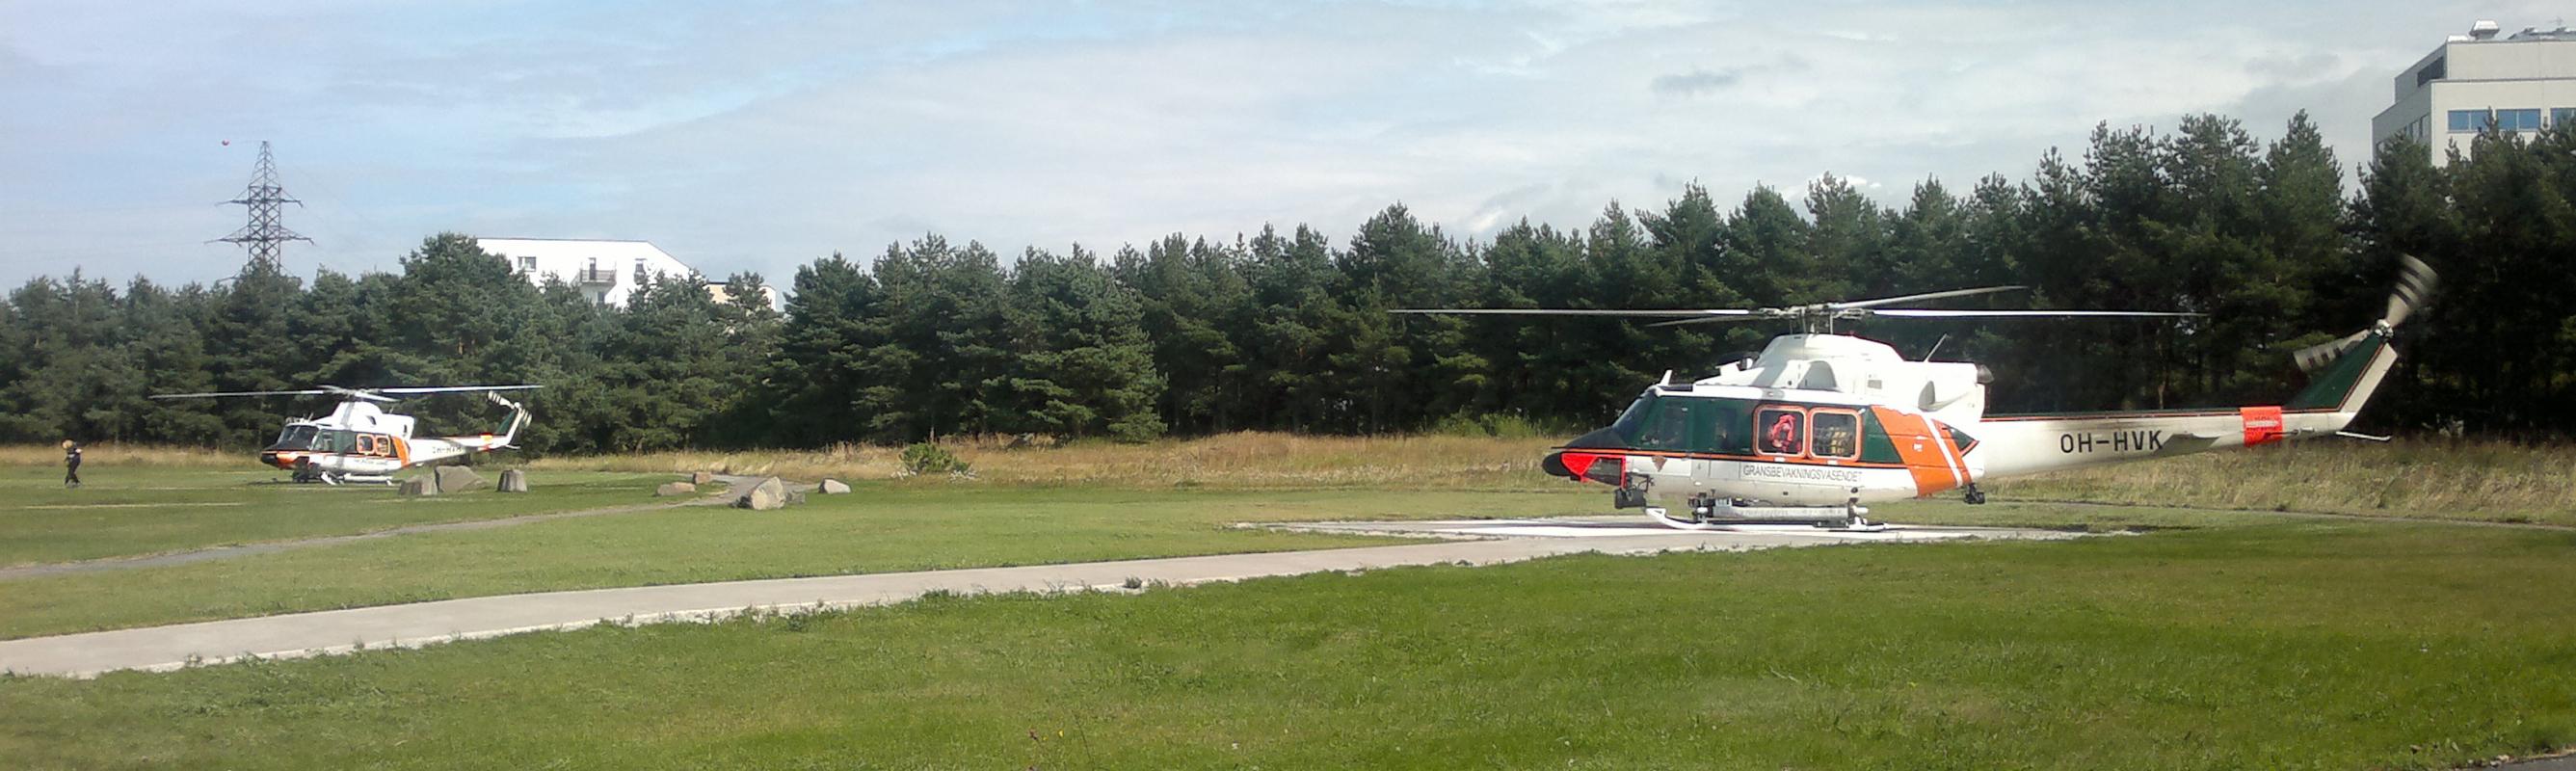 Patsientide transpordiks kasutatakse ka lennutransporti